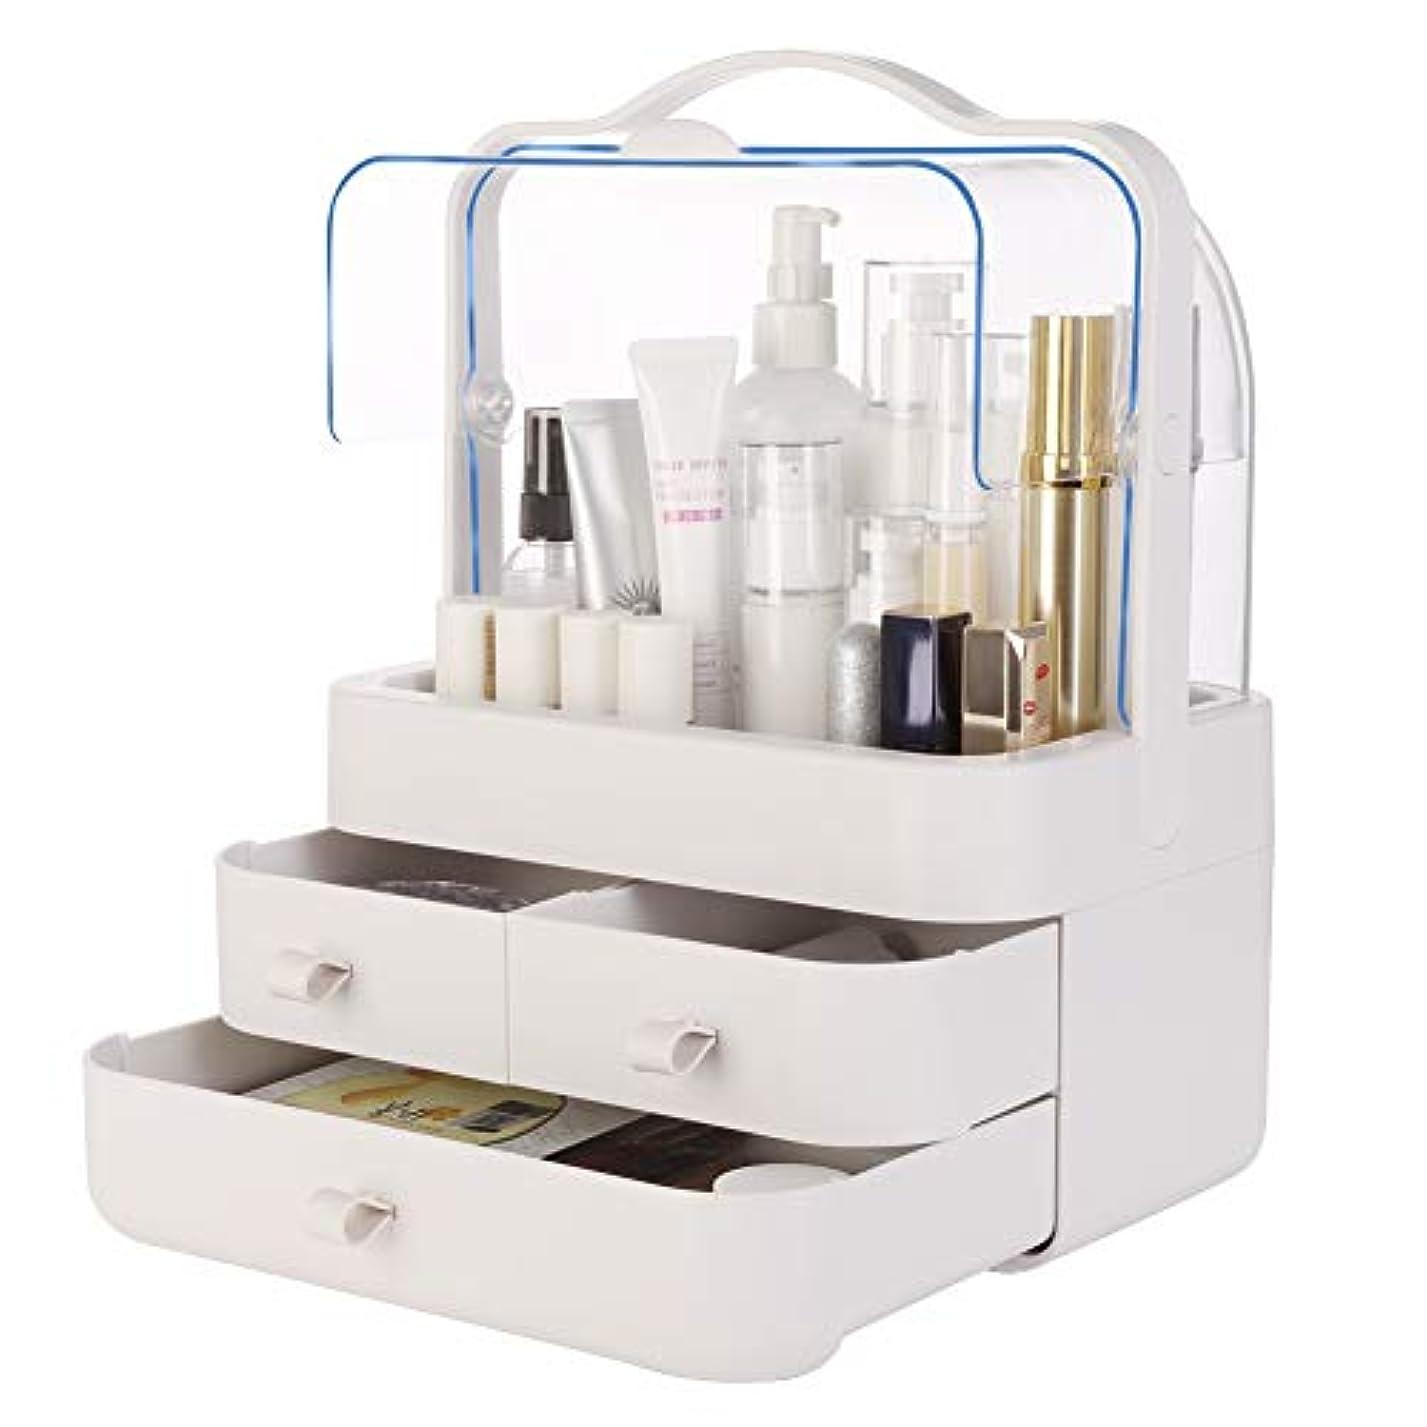 ピアース急流説得化粧品収納ボックス VICOODA メイクケース 防塵 防水 大容量 透明カバー開閉 ABS+PP 引き出し付 持ち運び取っ手付き 小物/化粧品入れ